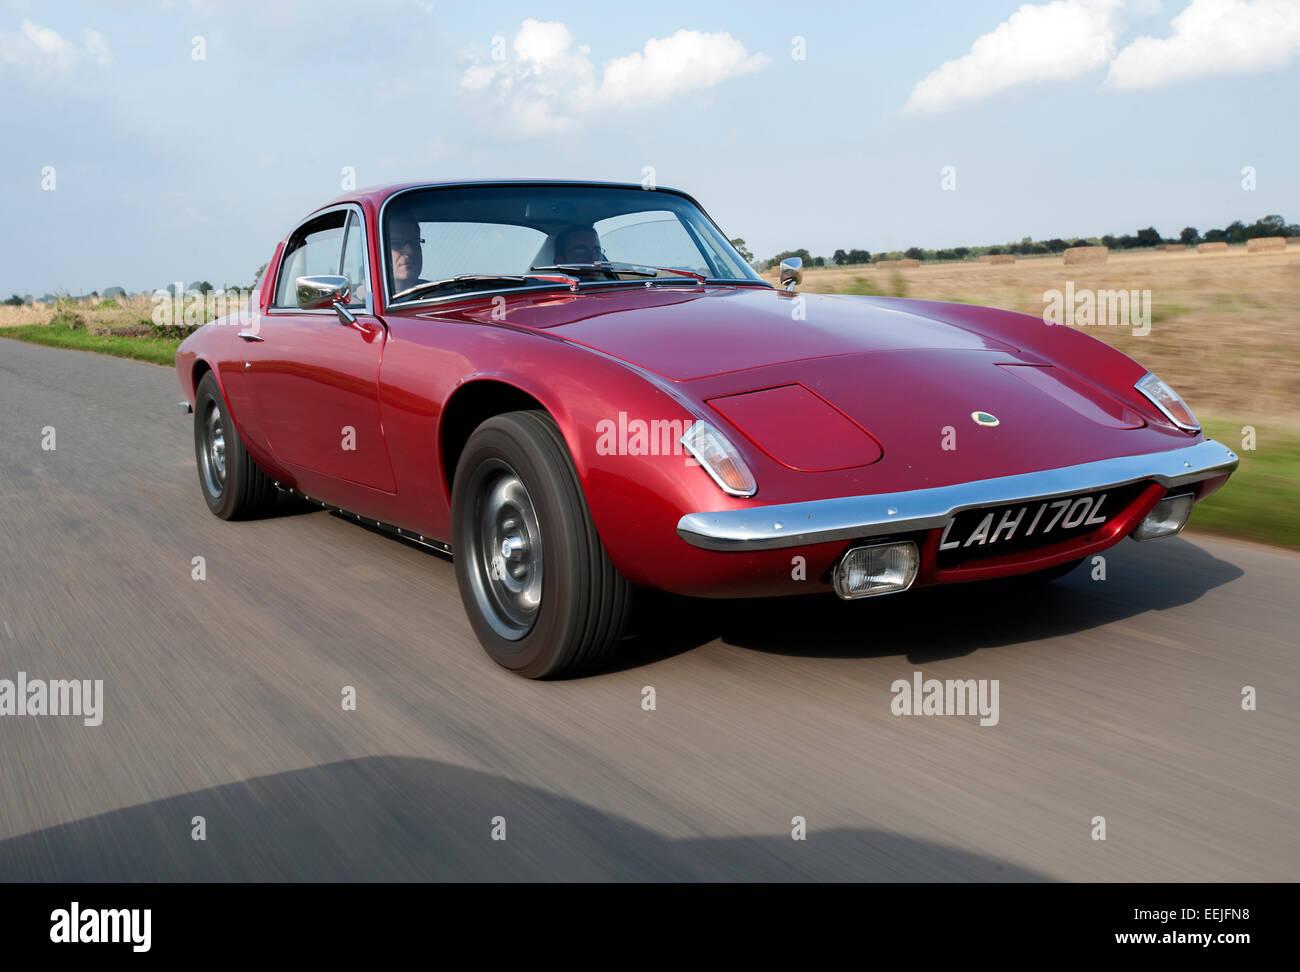 Lotus Elan classic British sports car Stock Photo, Royalty ...  Lotus Elan clas...